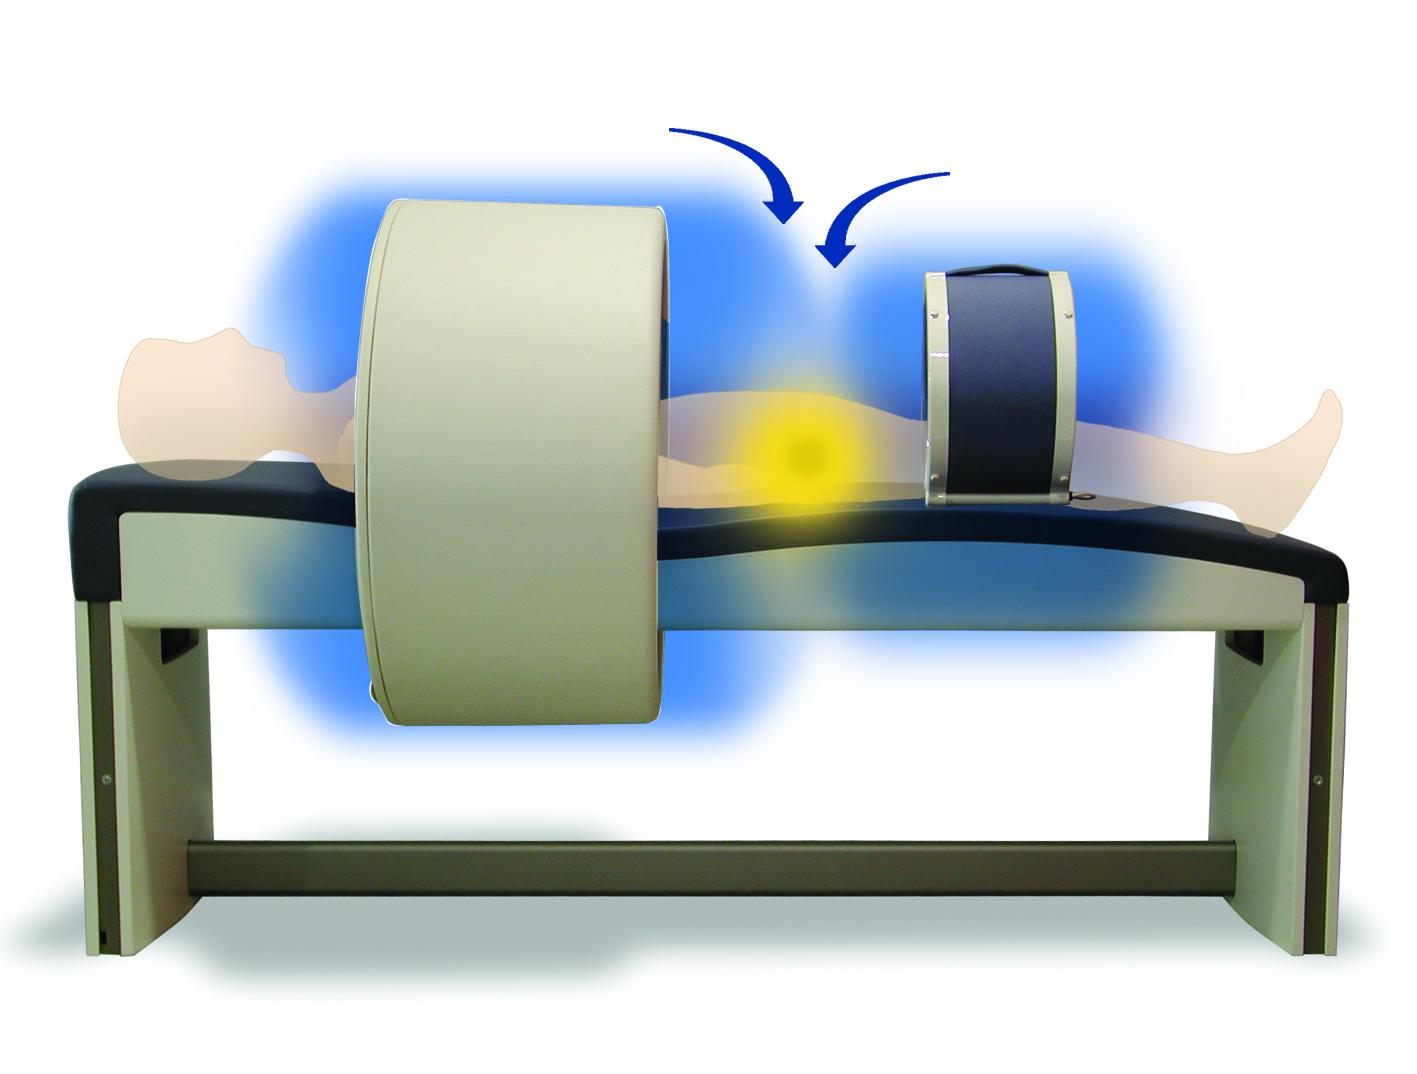 аппарат магнито терапии инструкция